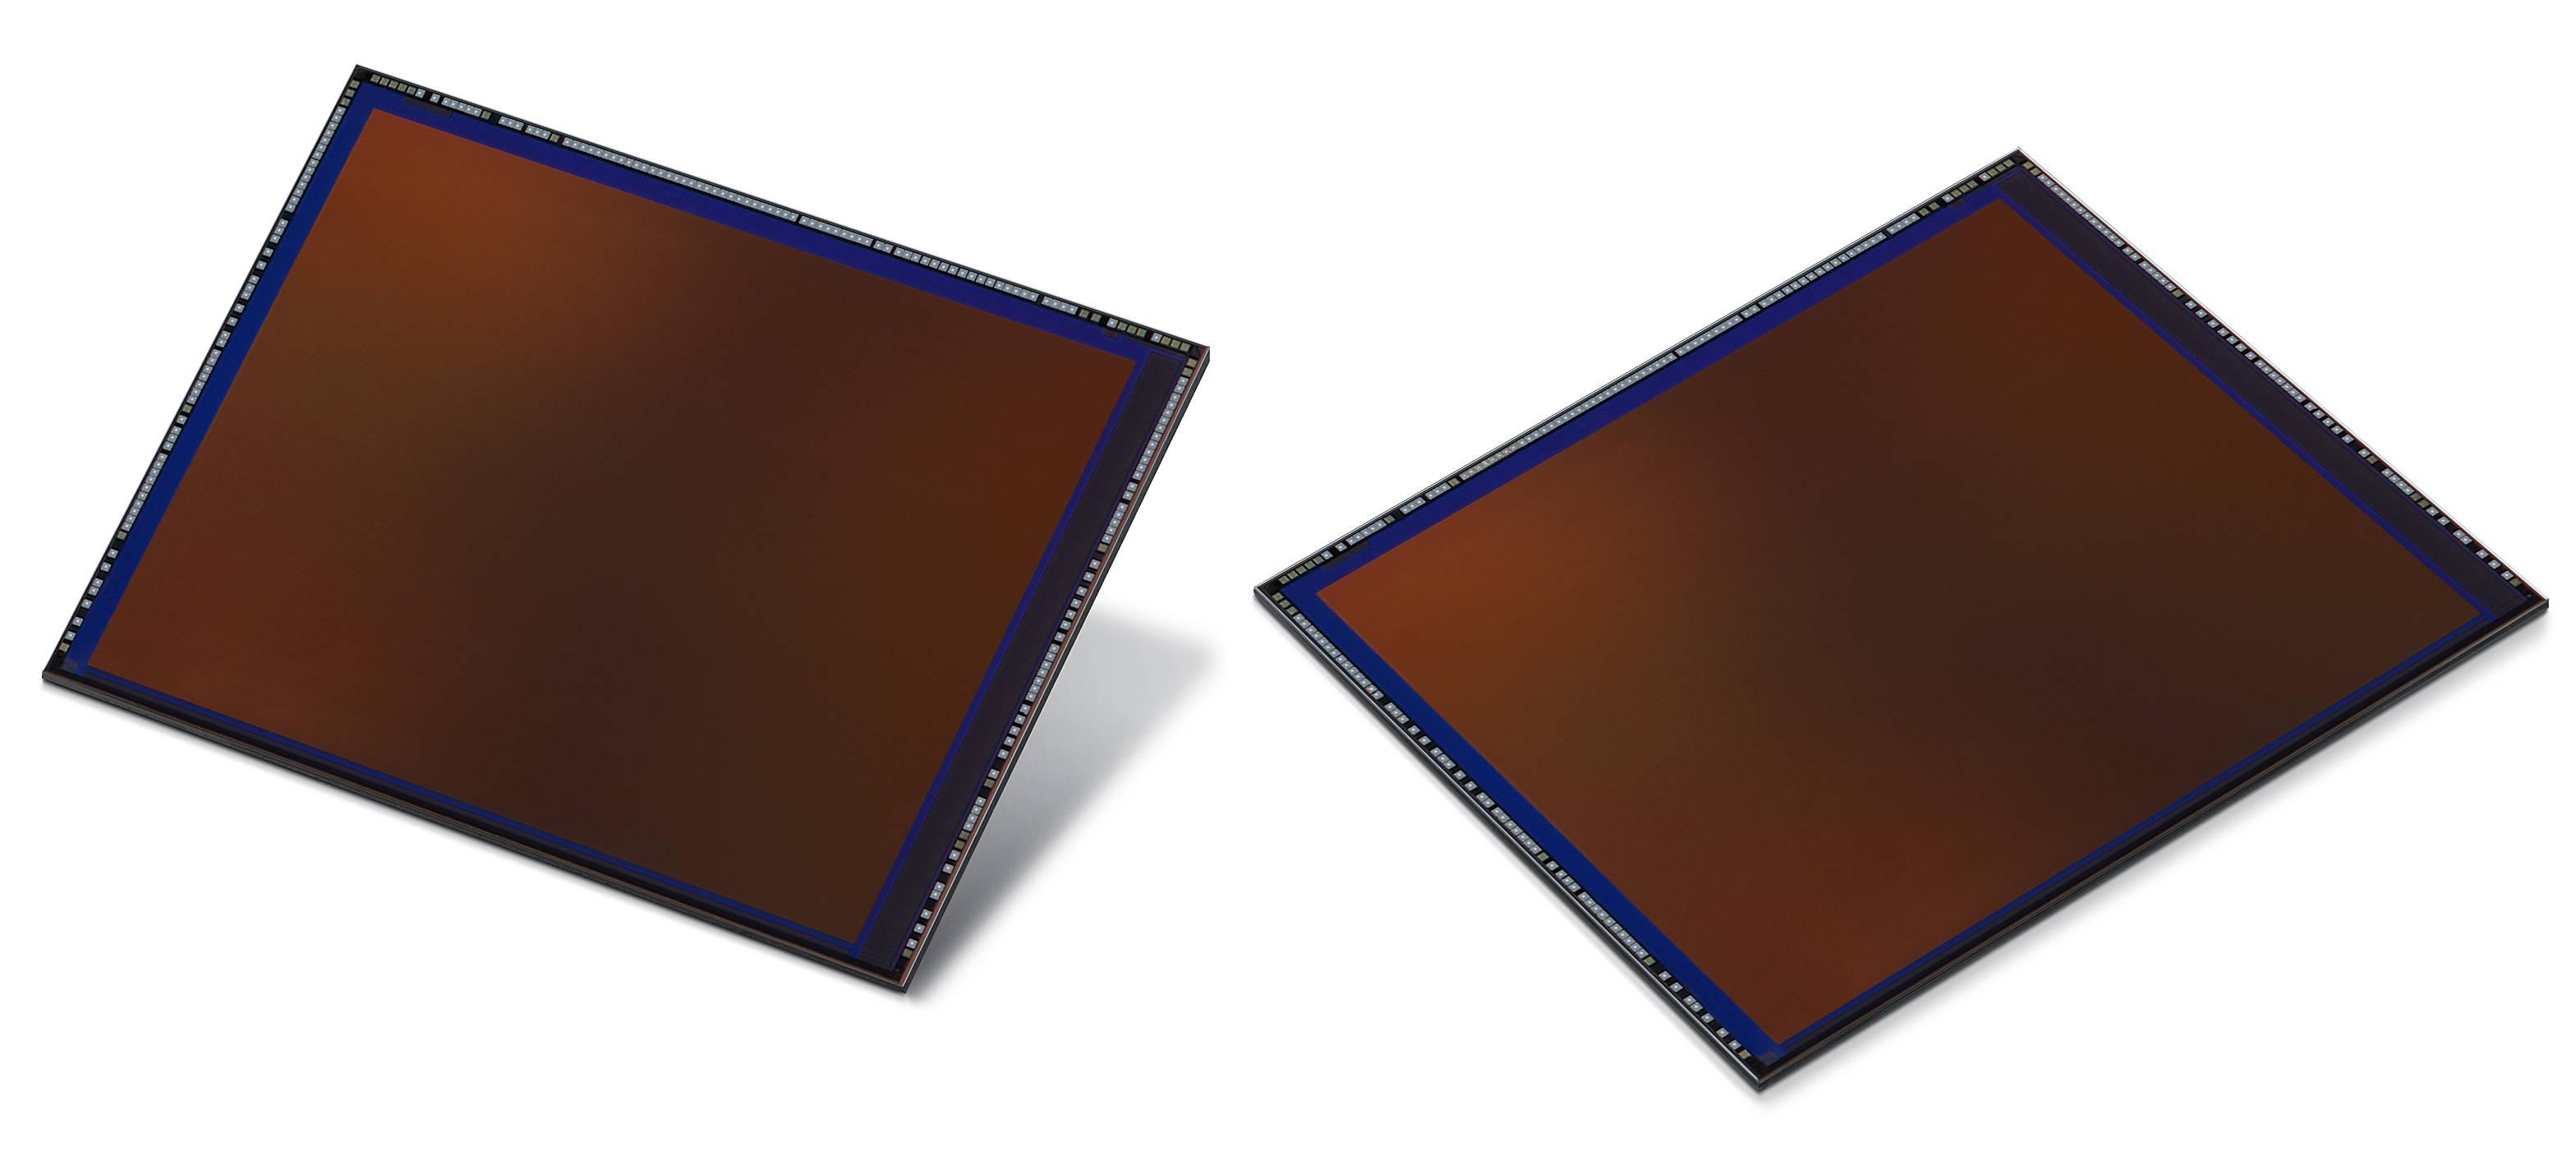 Samsung ISOCELL Bright HMX 108 MP aparat sensor dla Xiaomi Mi Mix 4 opinie plotki przecieki wycieki kiedy premiera